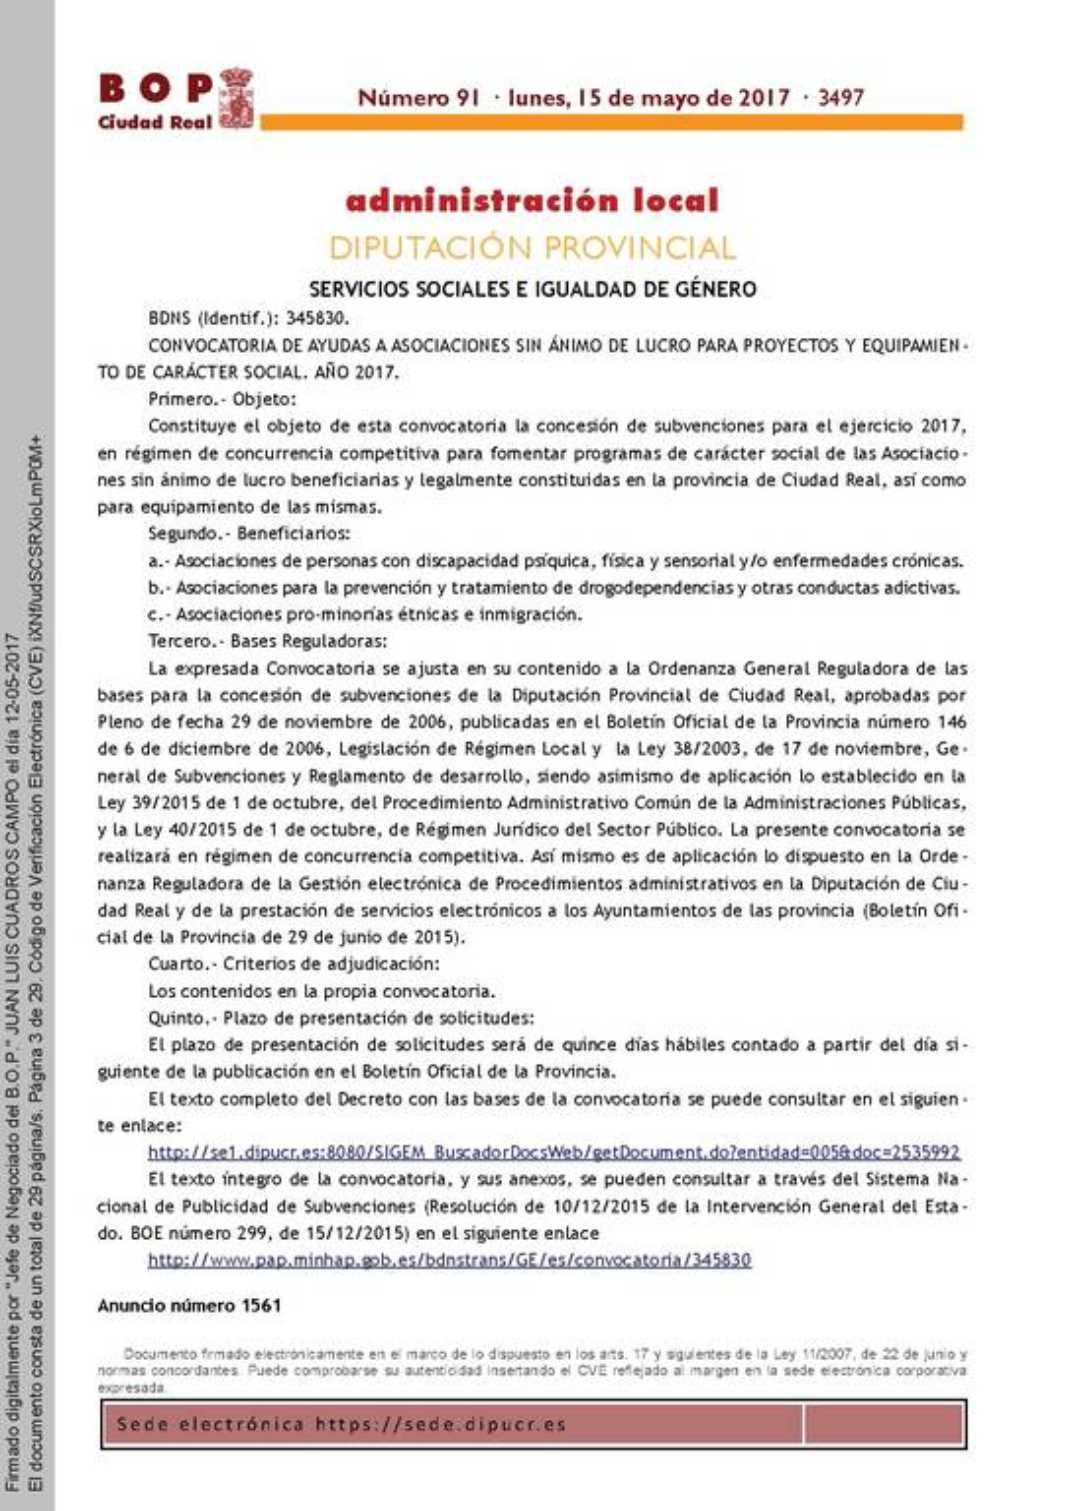 Convocatoria Proyectos Sociales 2017 1068x1511 - Diputación saca su Convocatoria de ayudas para proyectos y equipamiento de carácter social